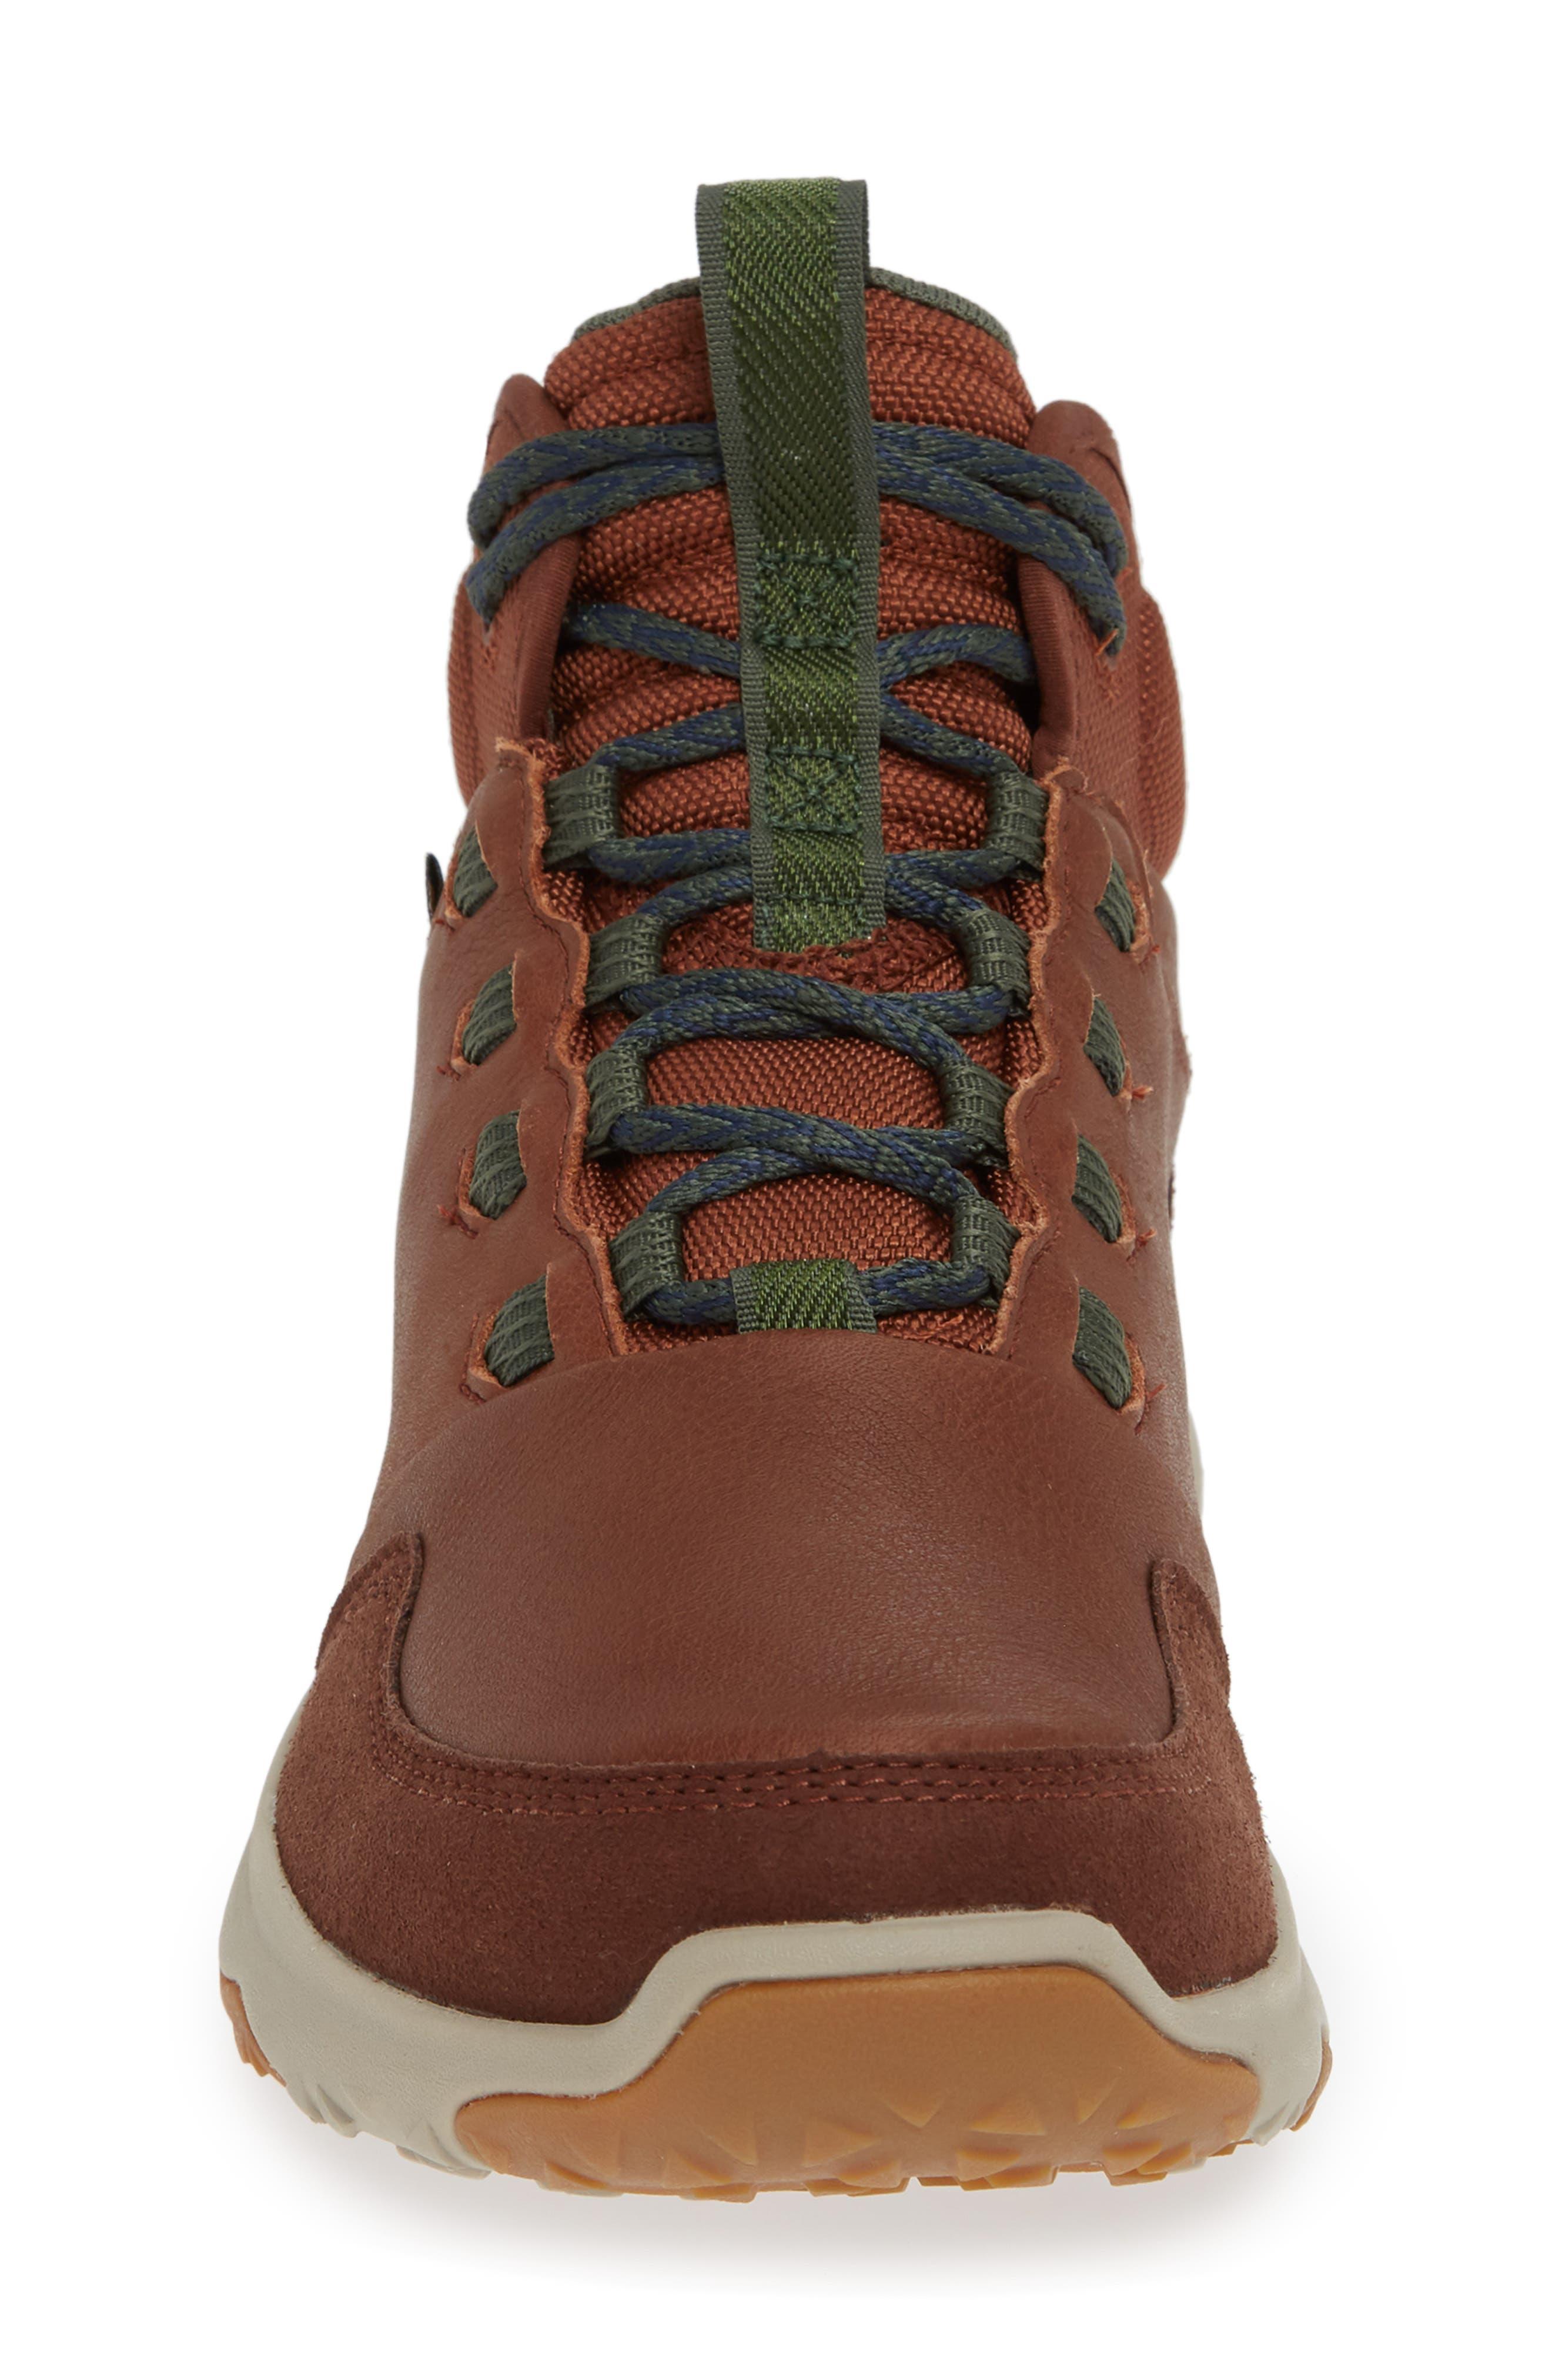 Arrowood 2 Mid Waterproof Sneaker Boot,                             Alternate thumbnail 4, color,                             242